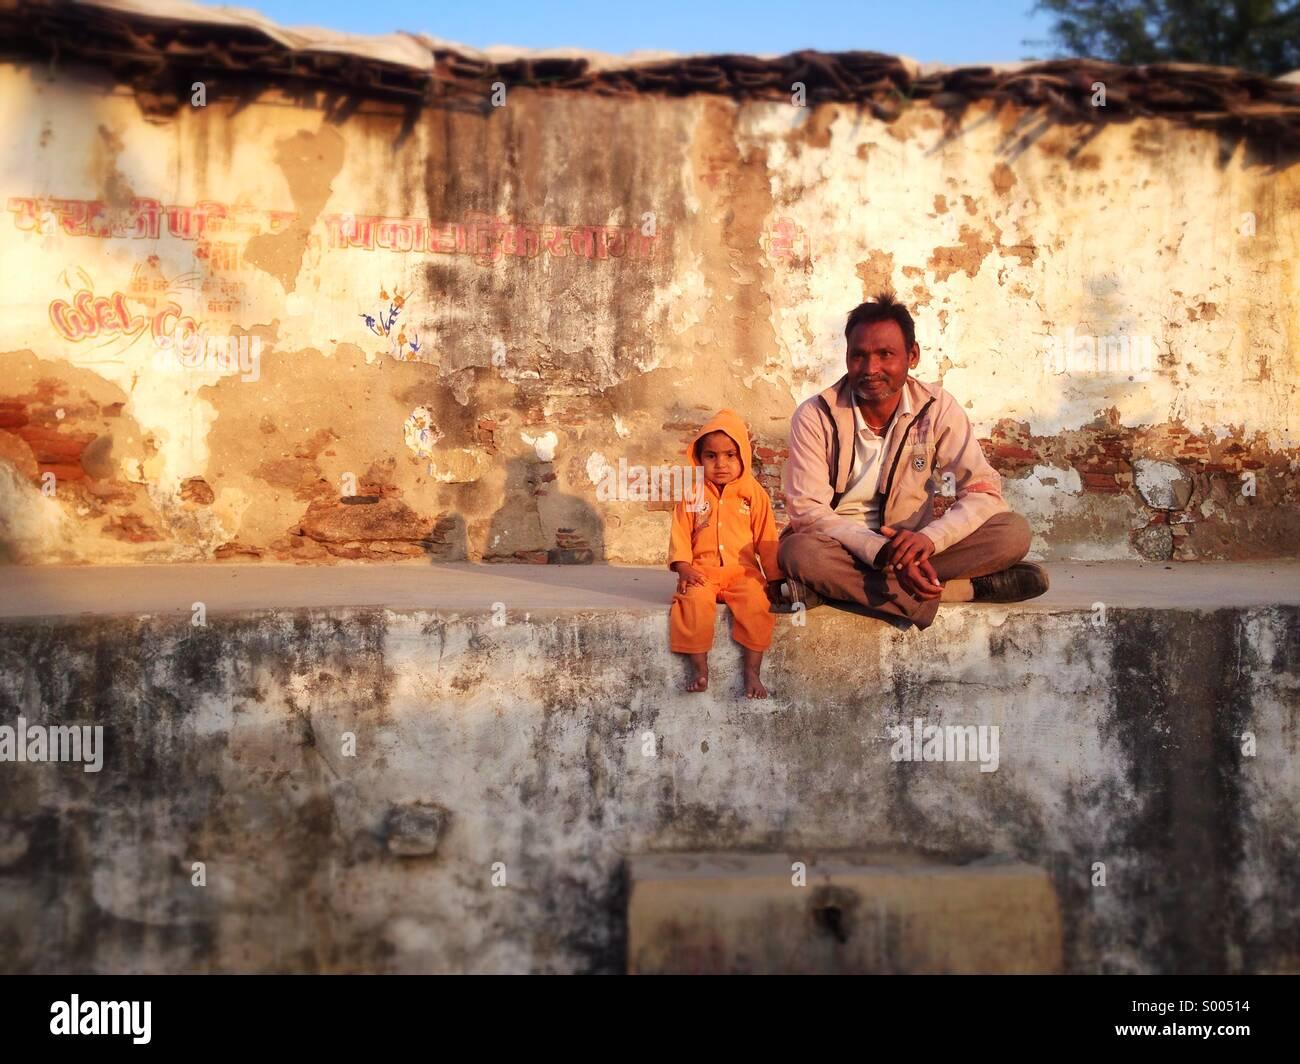 Mann und Kind, Narlai, Rajasthan. Stockbild